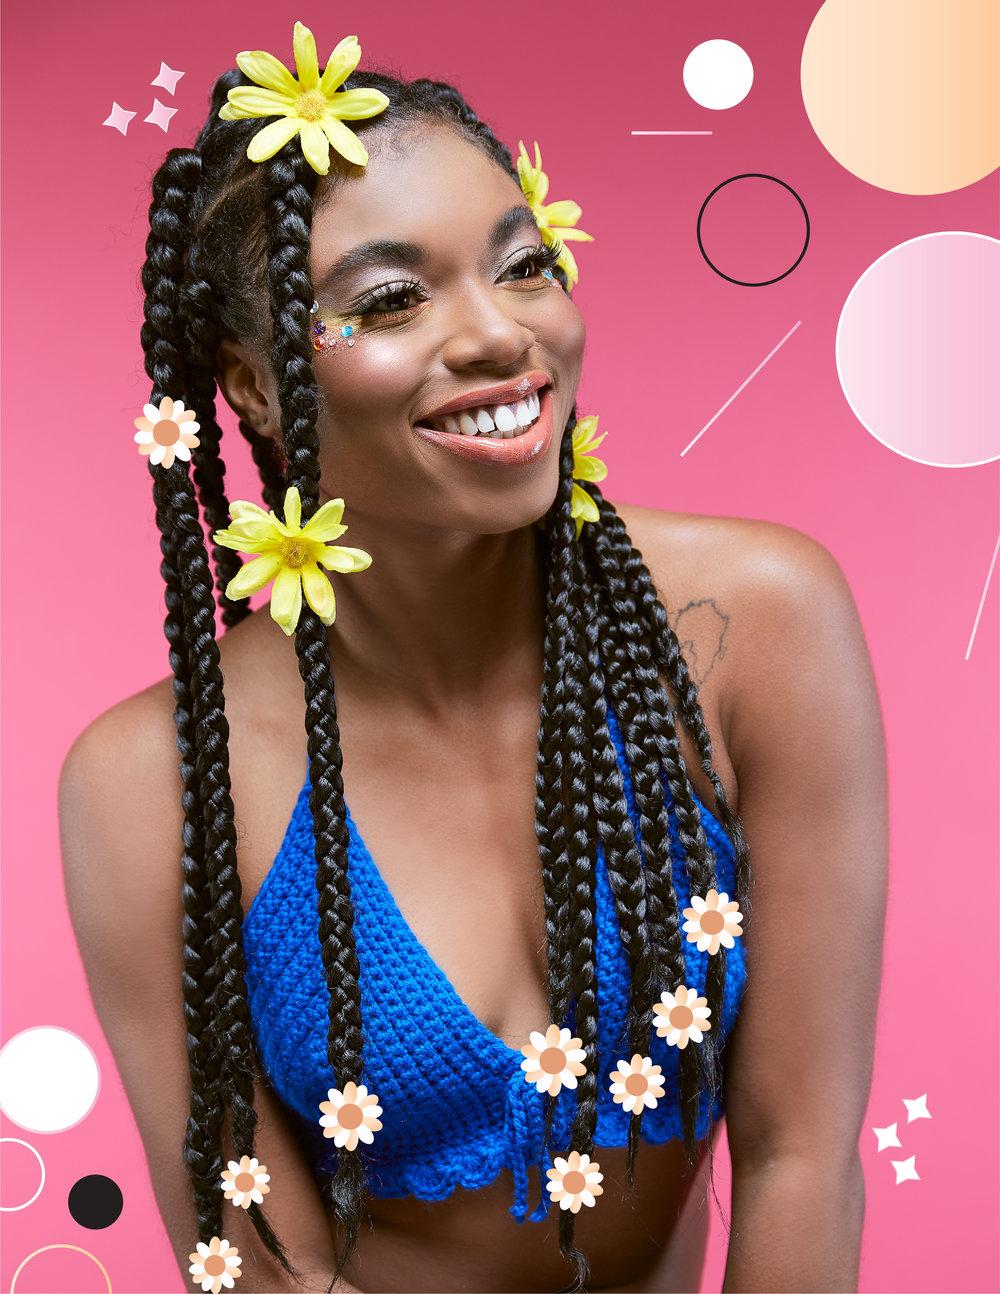 festival makeup looks for black women